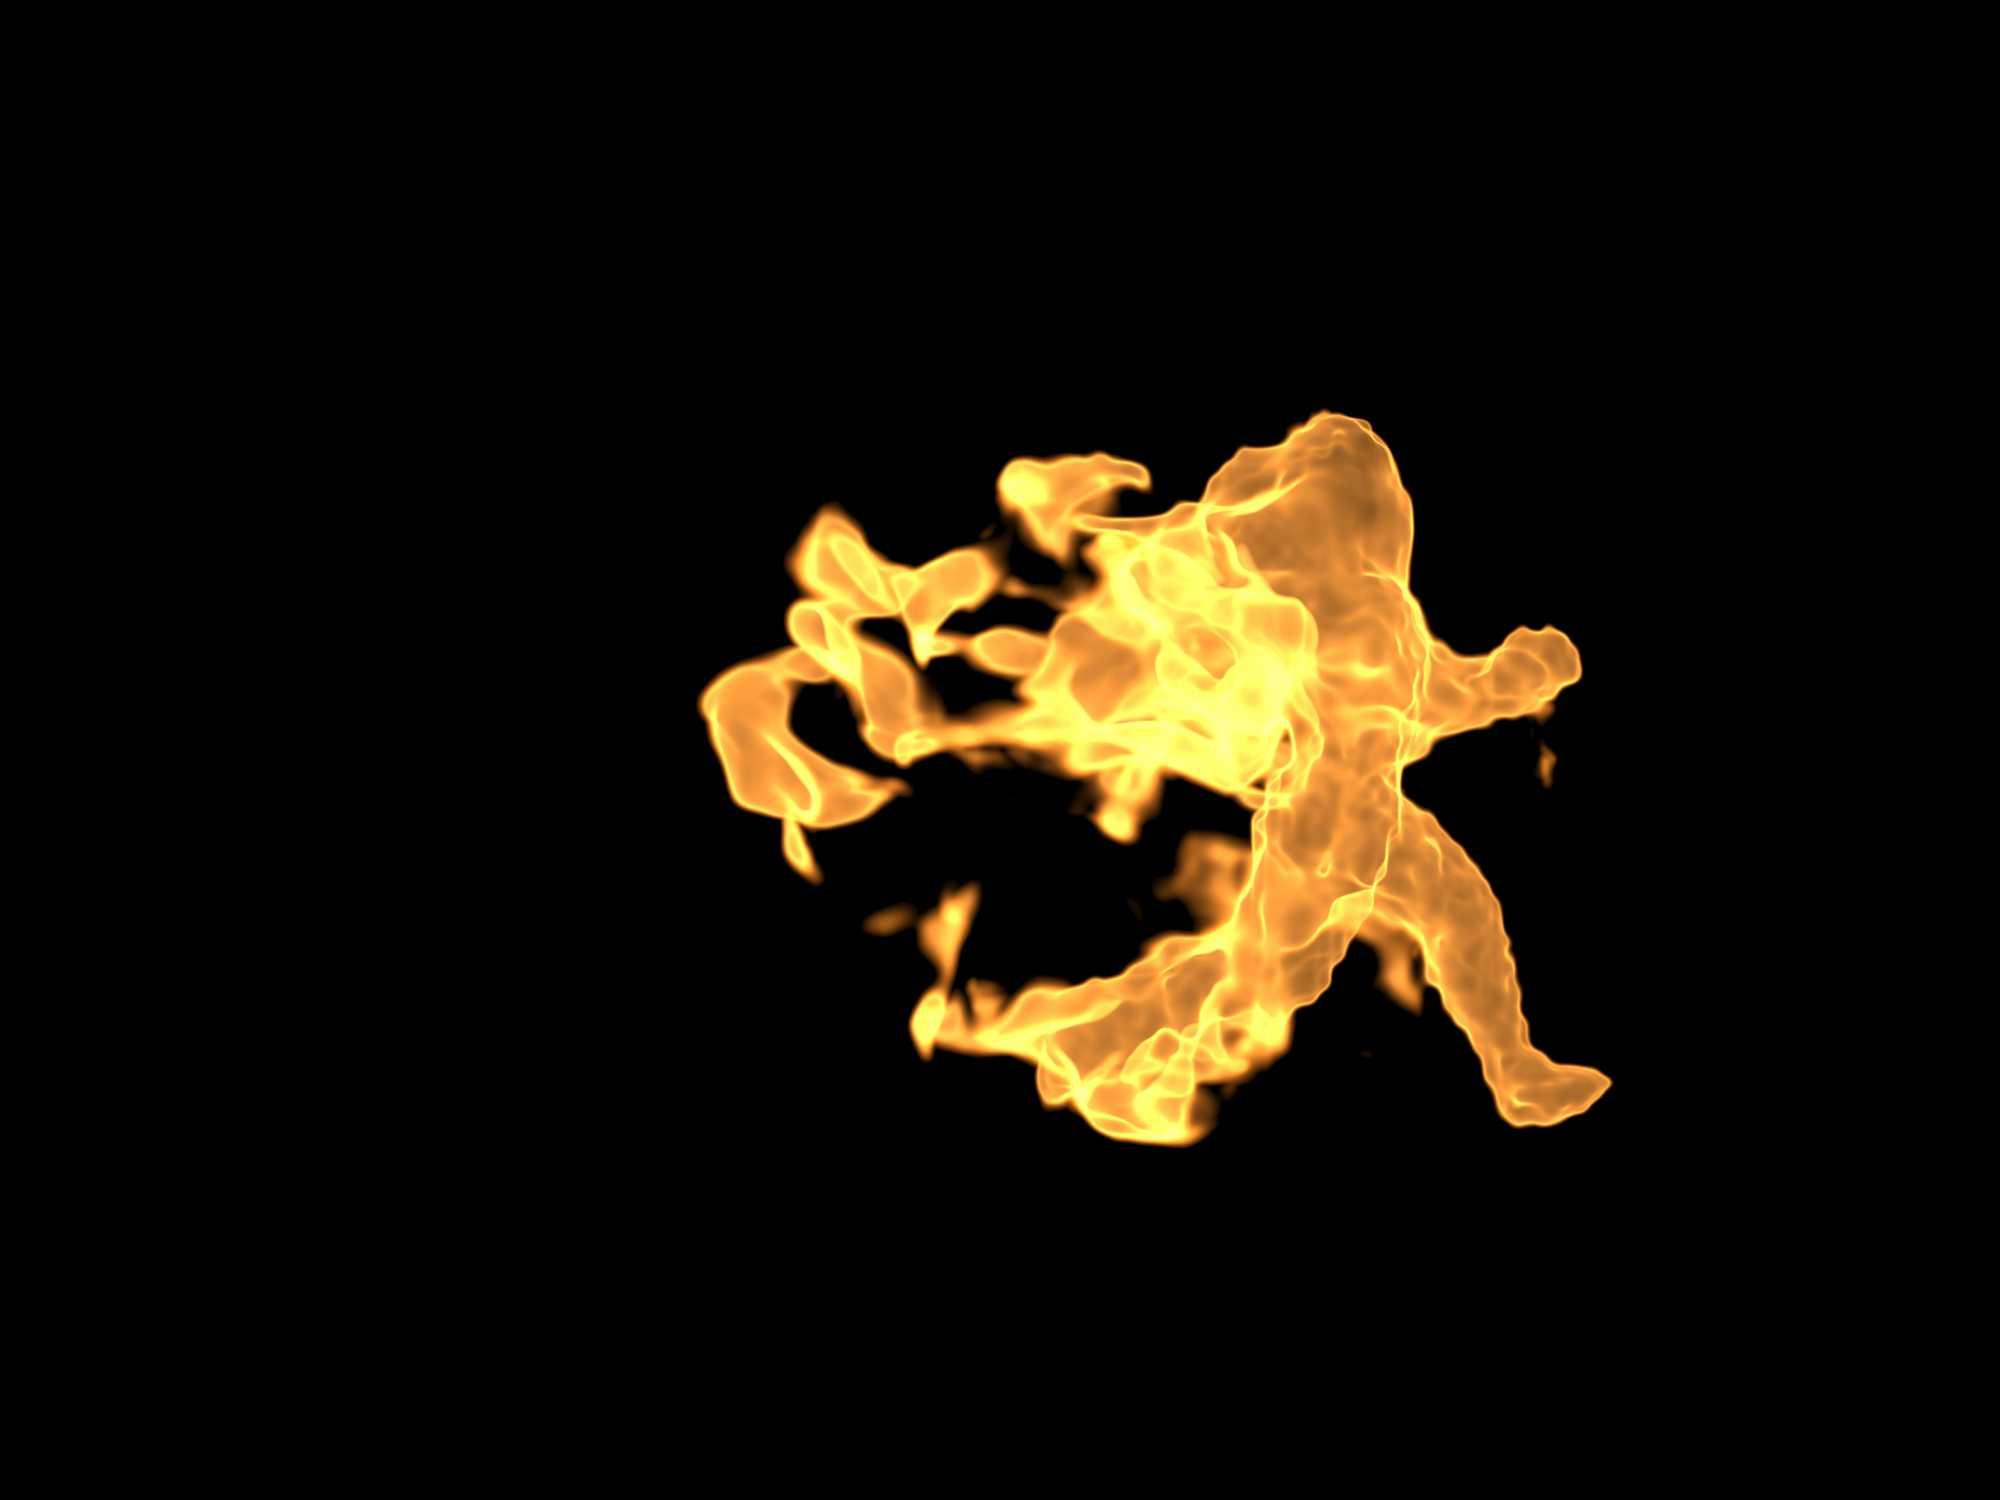 tv-lemgo-in-motion-Feuer_titel-03